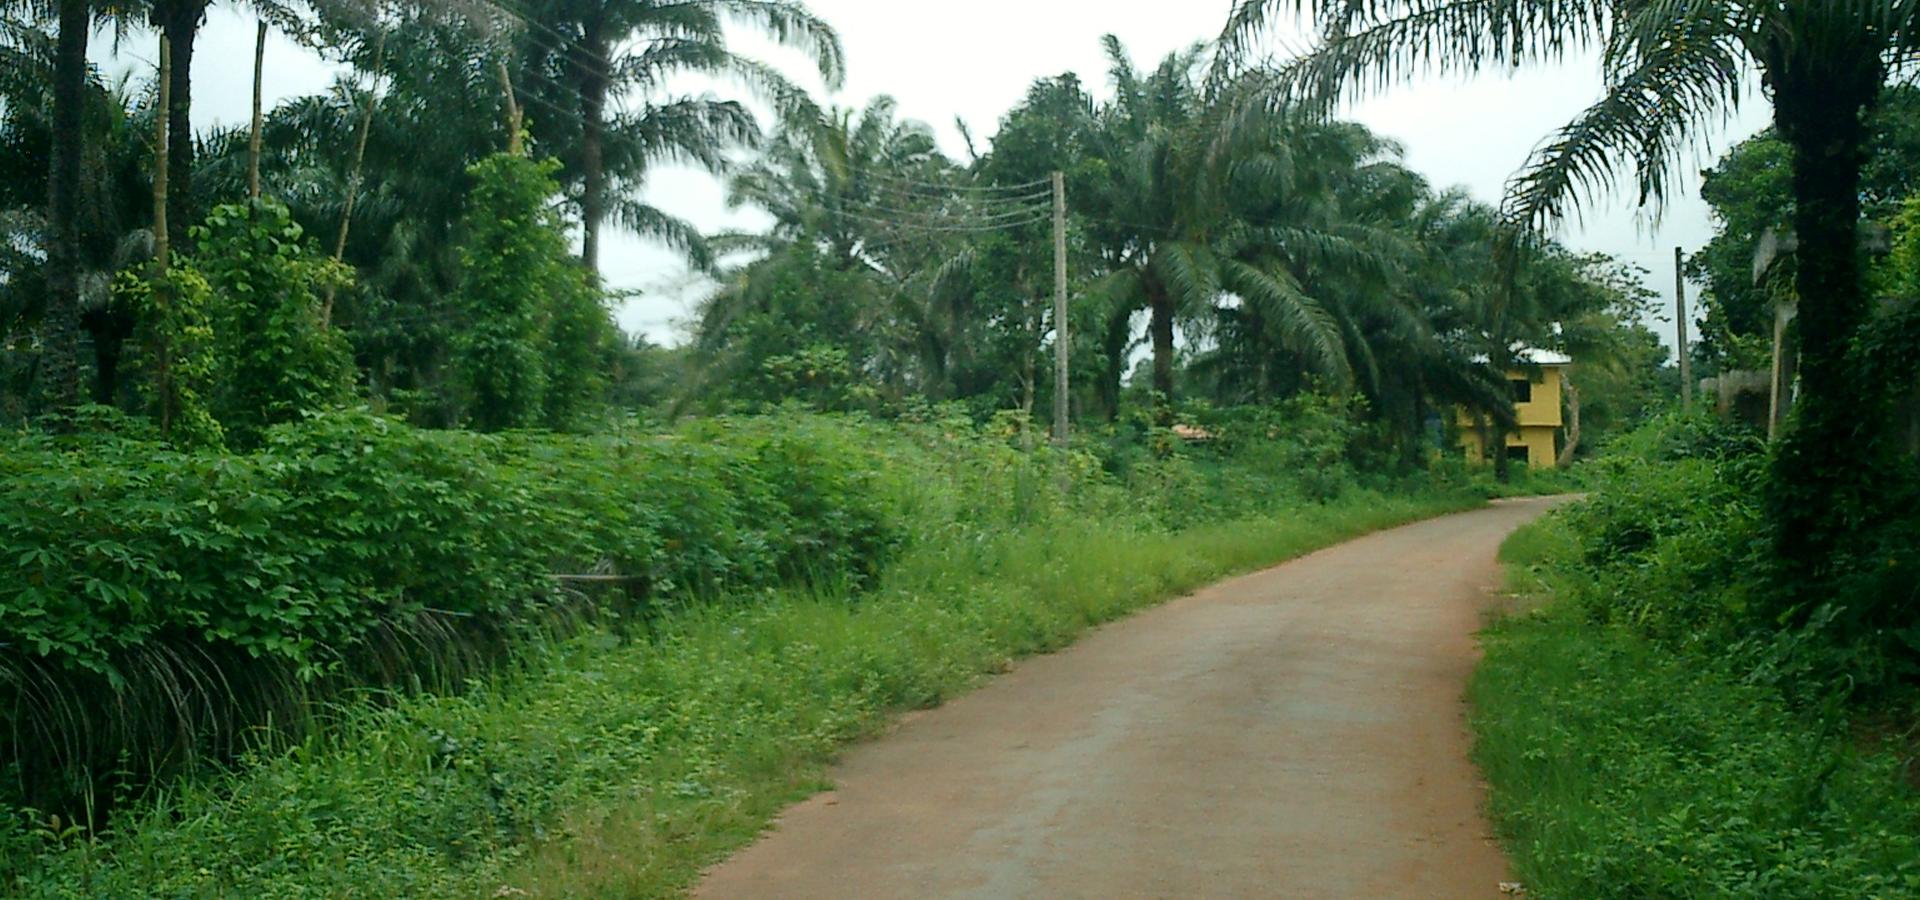 Peer-to-peer advisory in Awka, Anambra State, Nigeria